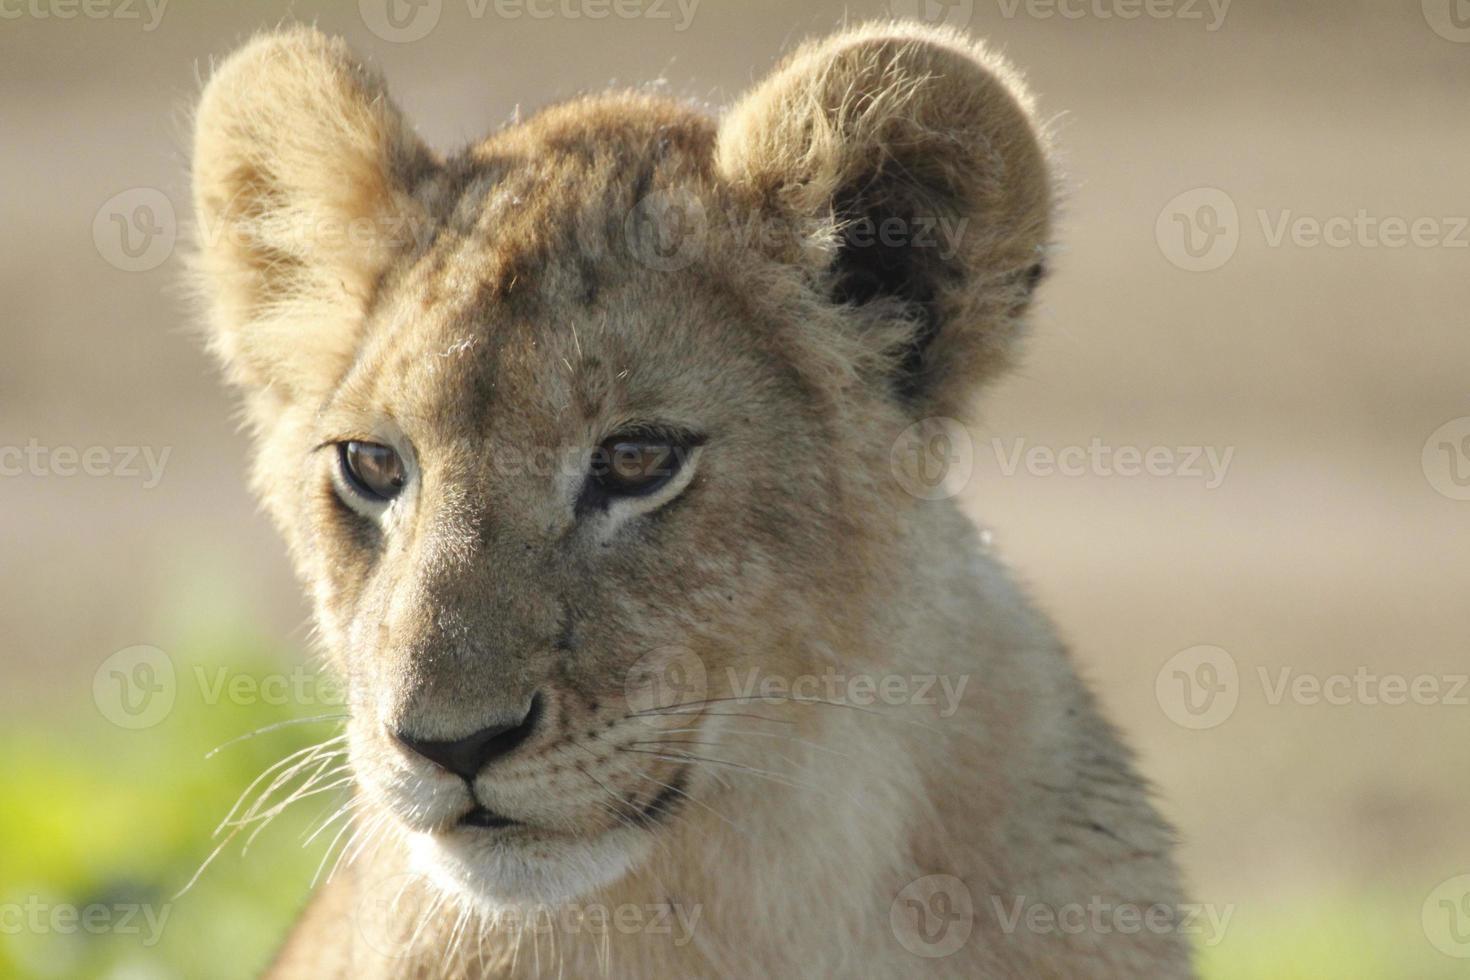 afrikanisches Löwenbaby foto